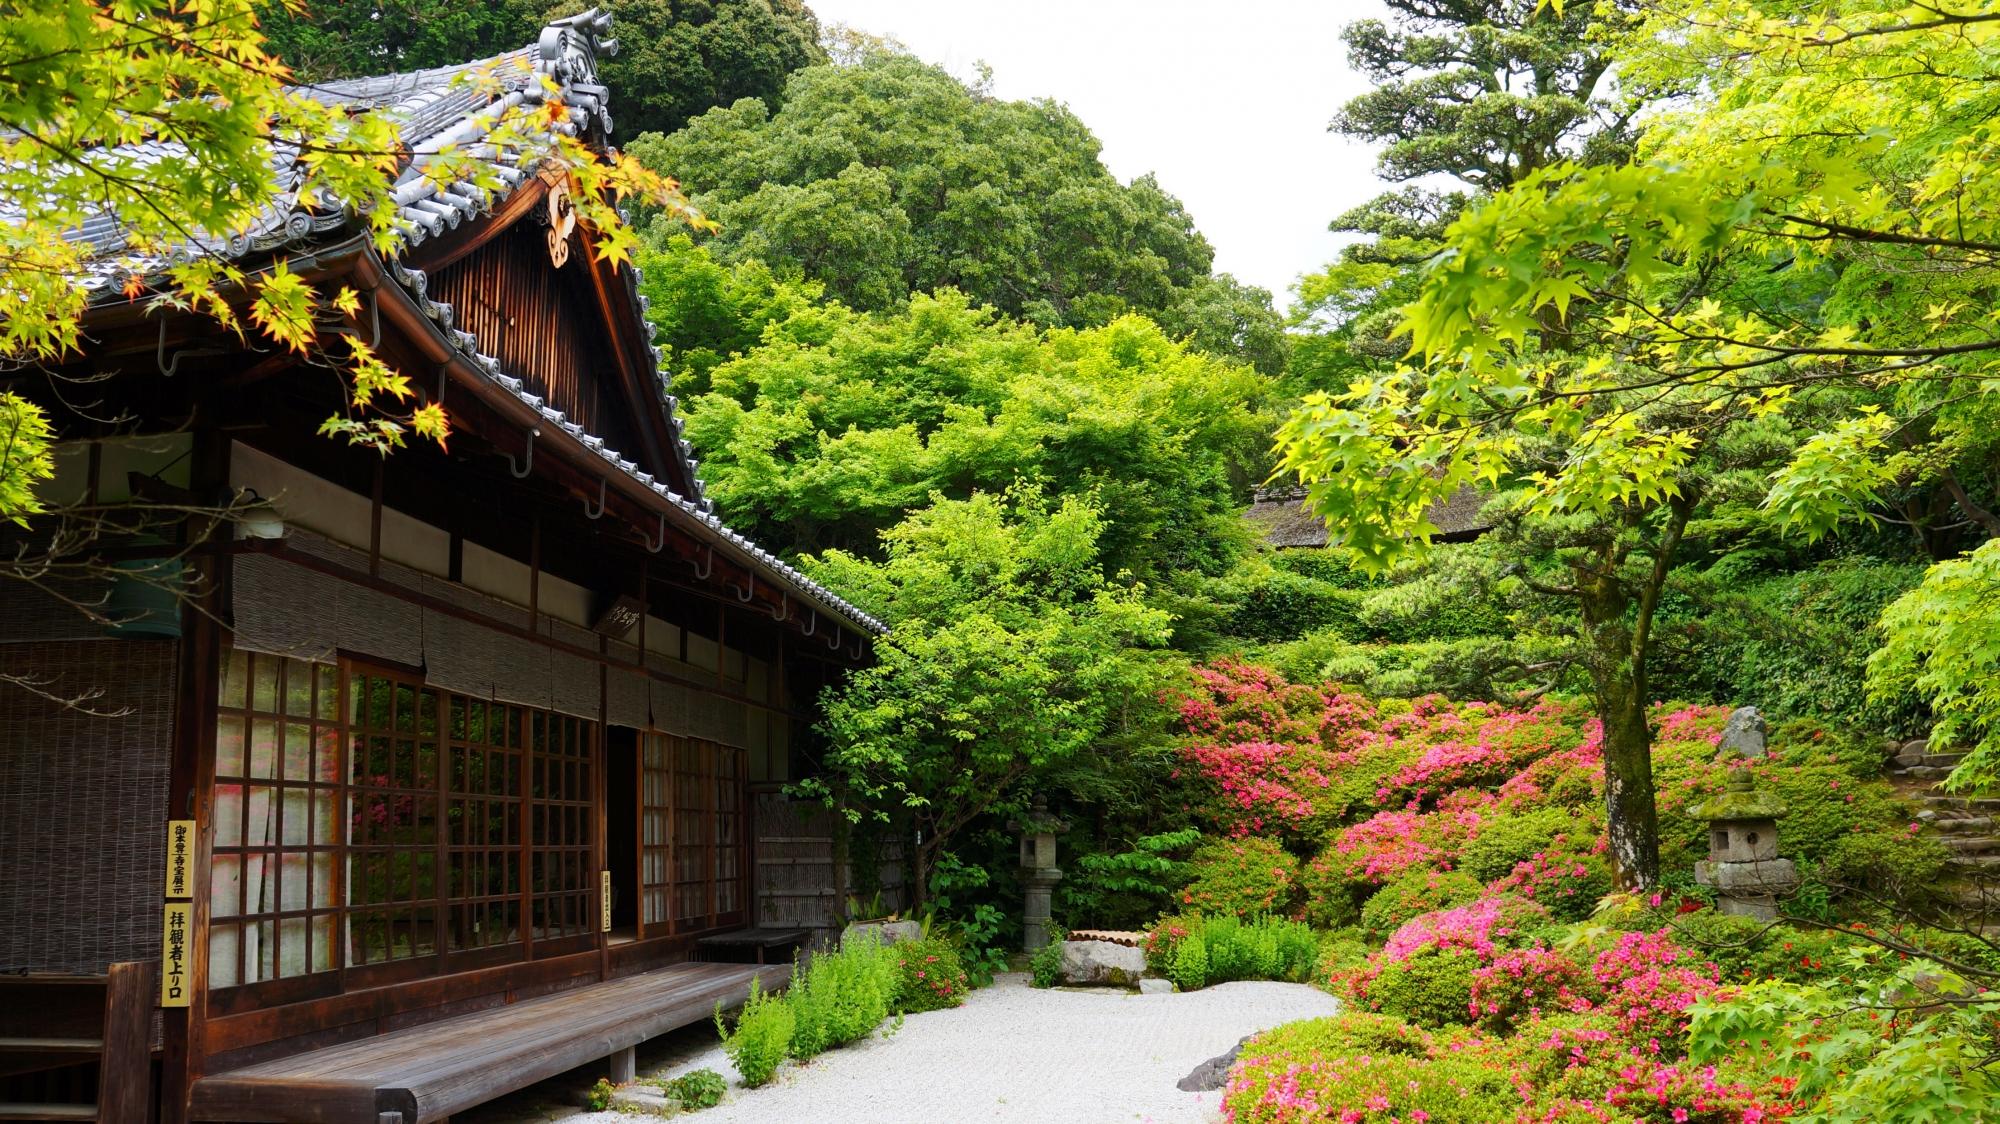 眩い新緑とサツキにつつまれる趣きある金福寺の方丈